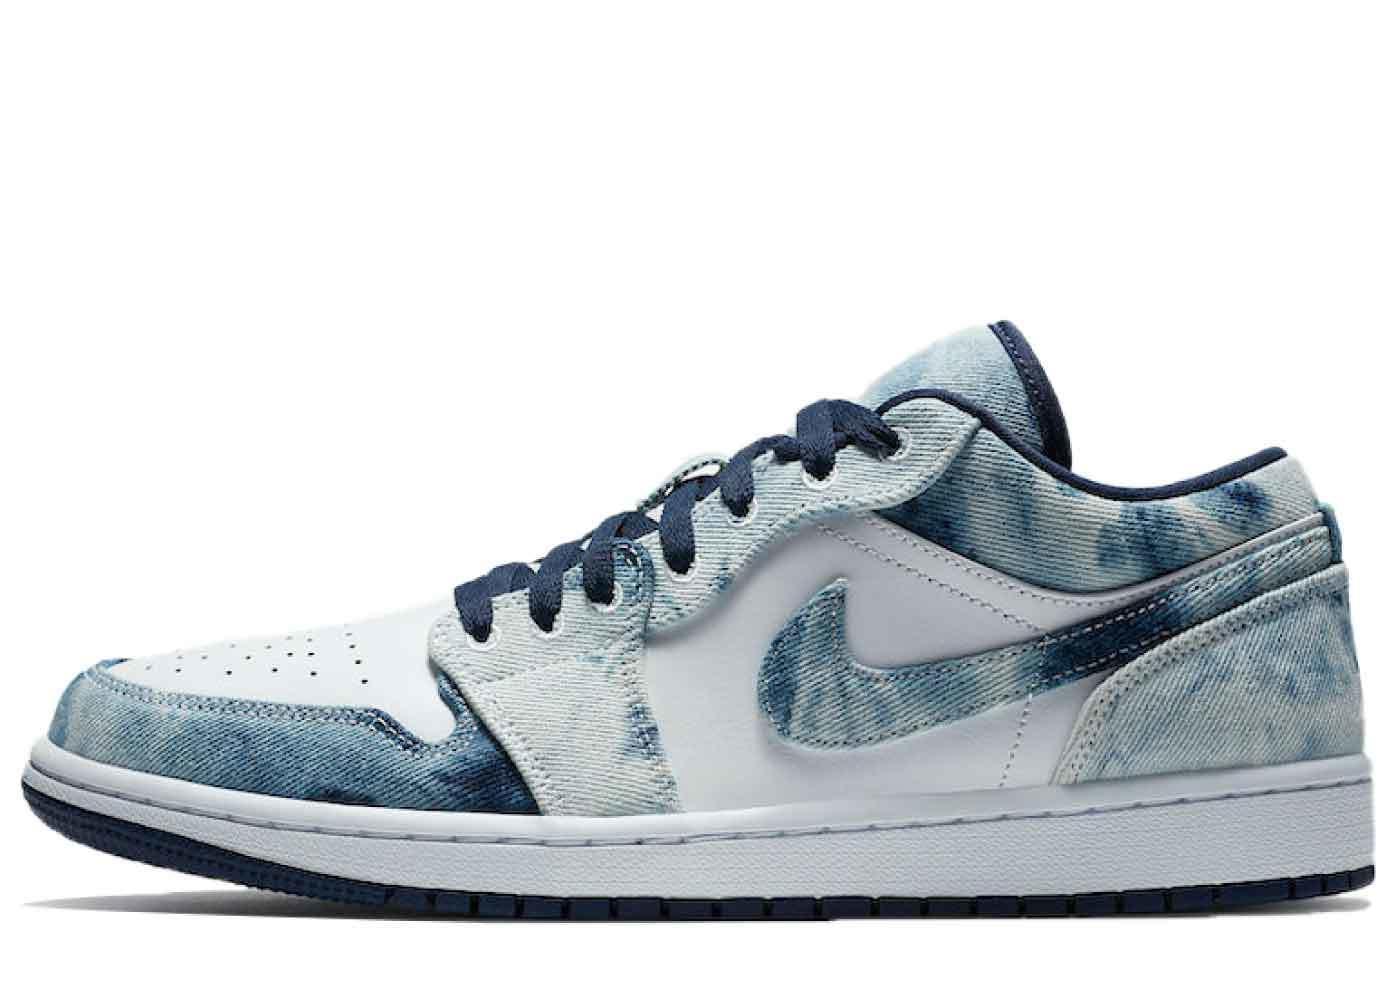 Nike Air Jordan 1 Low Washed Denimの写真